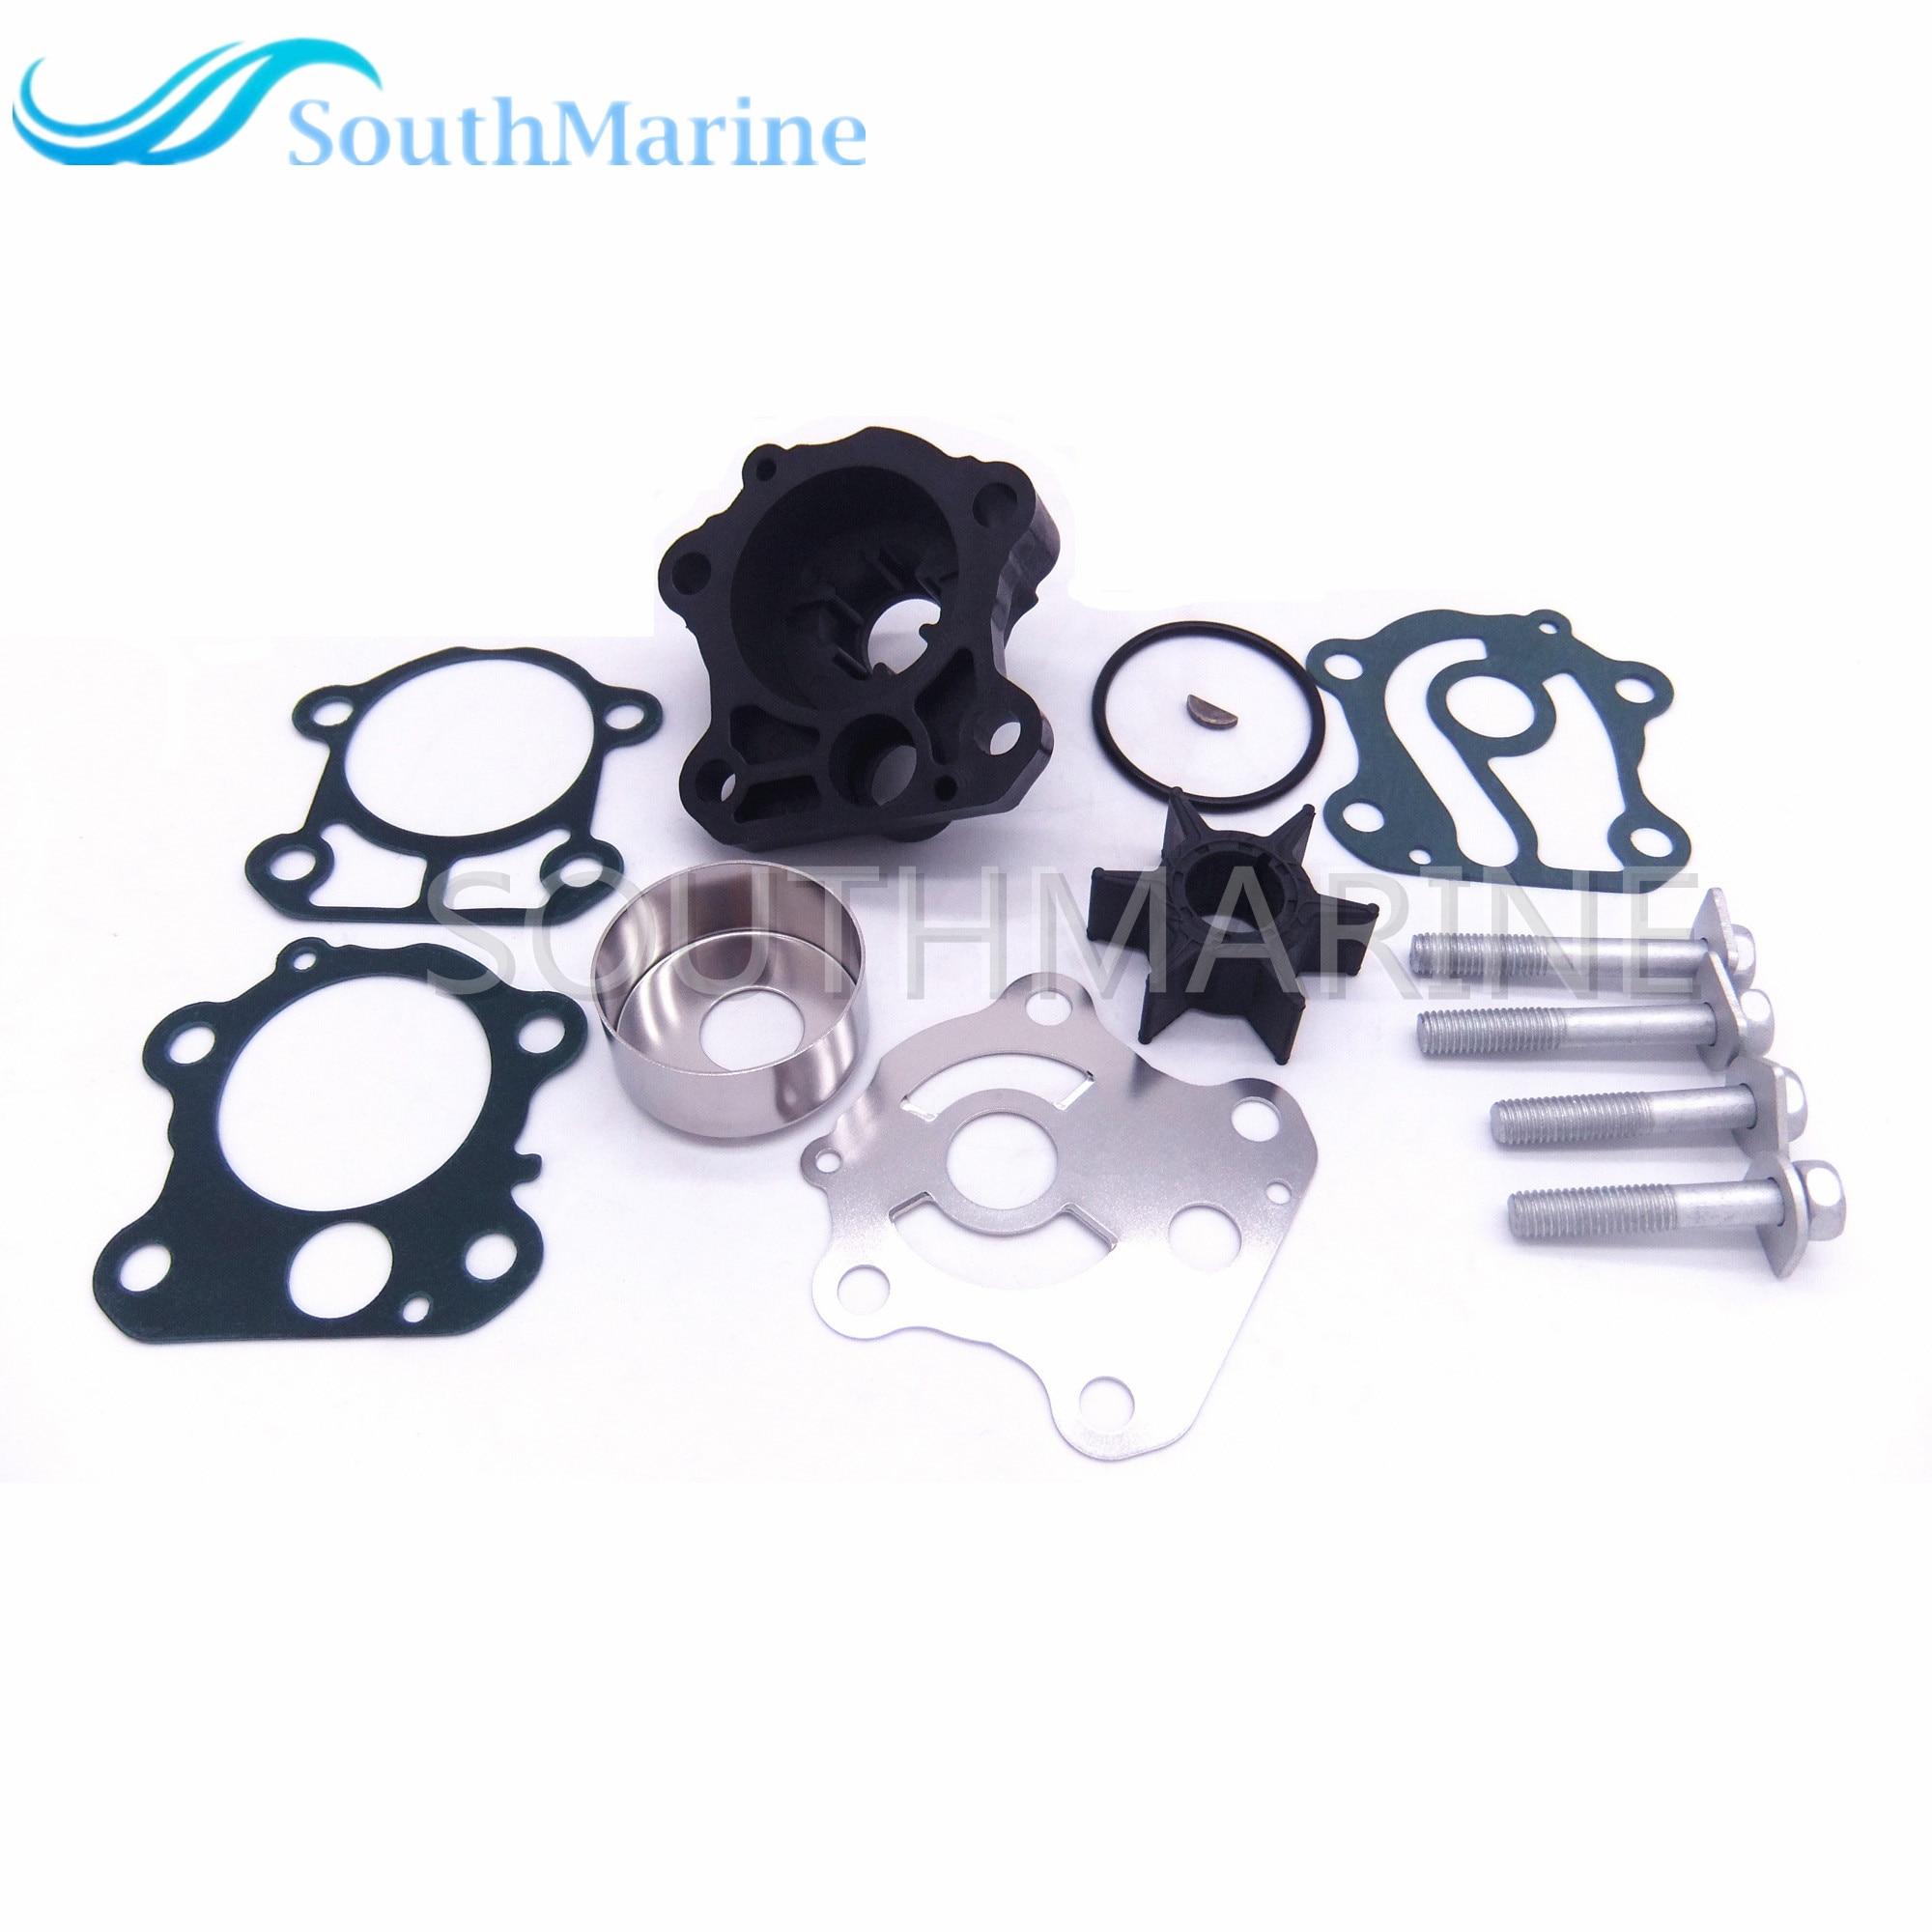 6H3-W0078-00 6H3-W0078 6H3-W0078-02 6H3-W0078-A0 Water Pump Kit For Yamaha Outboard Motors,Free Shipping6H3-W0078-00 6H3-W0078 6H3-W0078-02 6H3-W0078-A0 Water Pump Kit For Yamaha Outboard Motors,Free Shipping